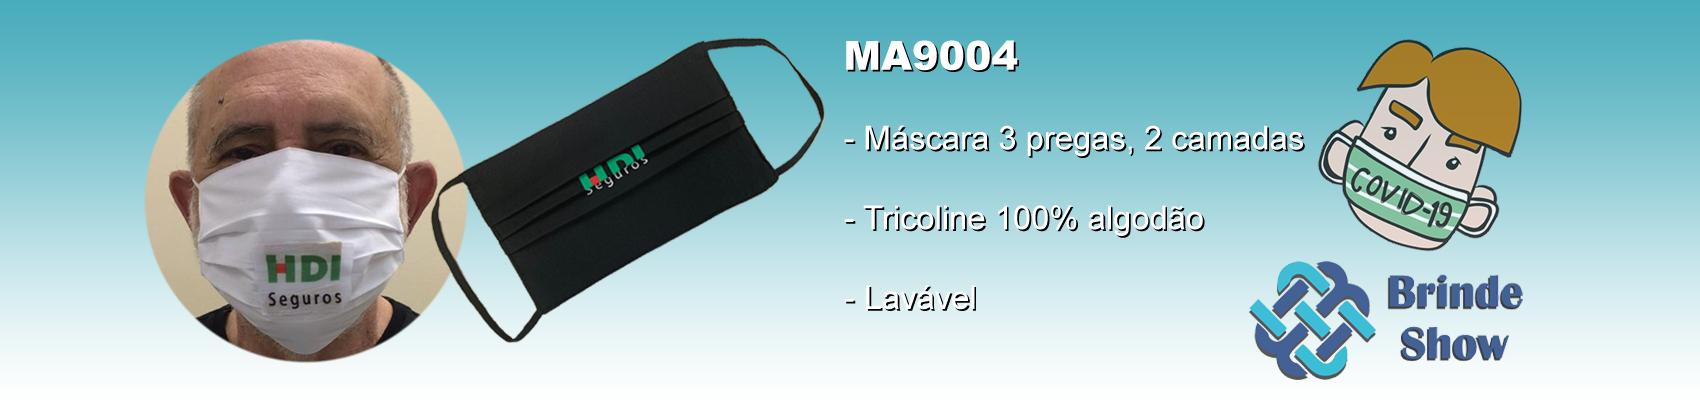 MA9004b